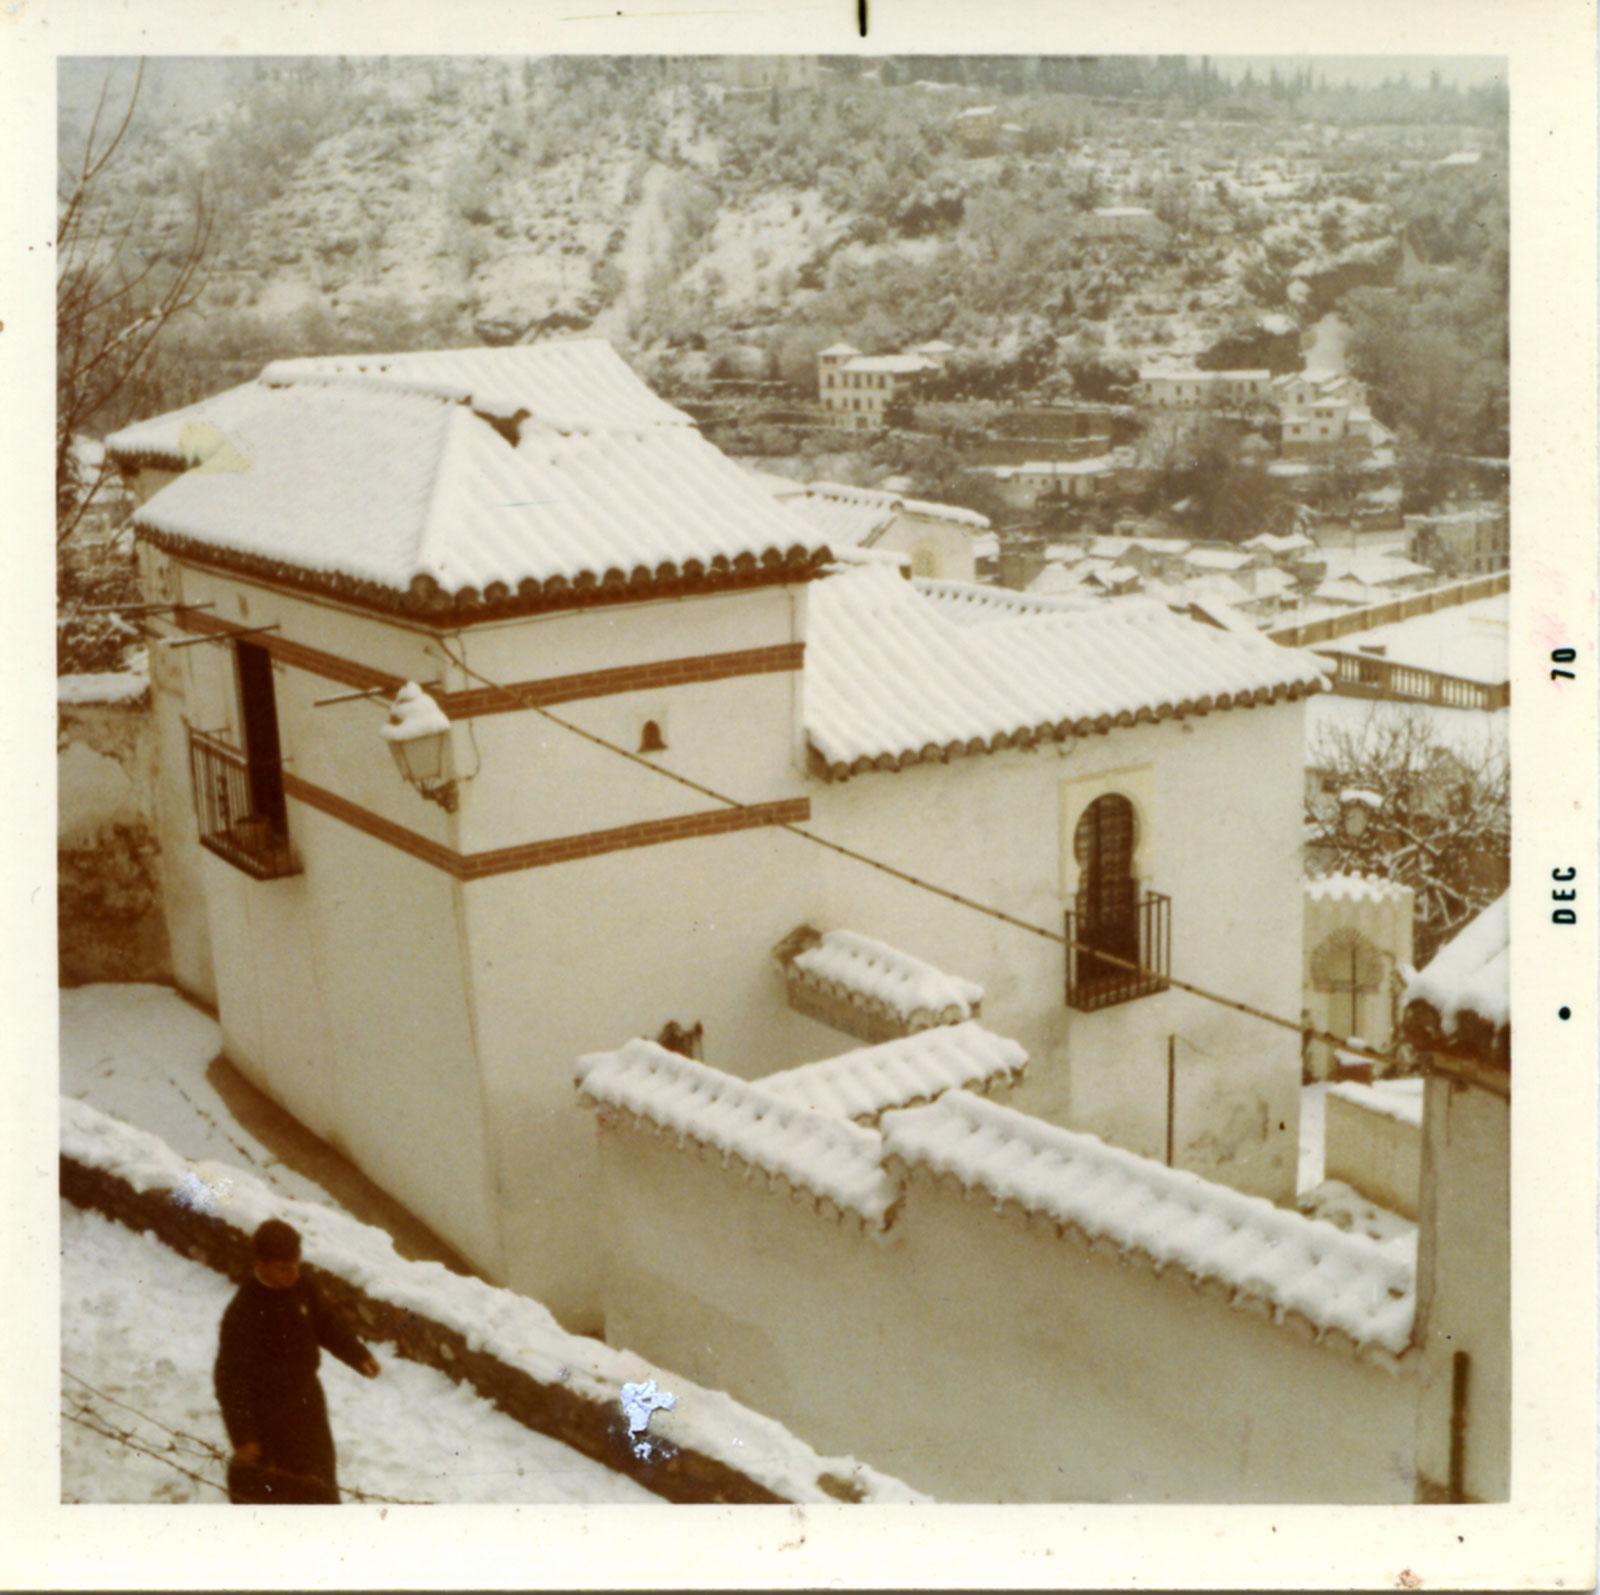 La casa de Aben Humeya restaurada por Alfonso de Borbón, Príncipe de Condé, durante la nevada de 1970